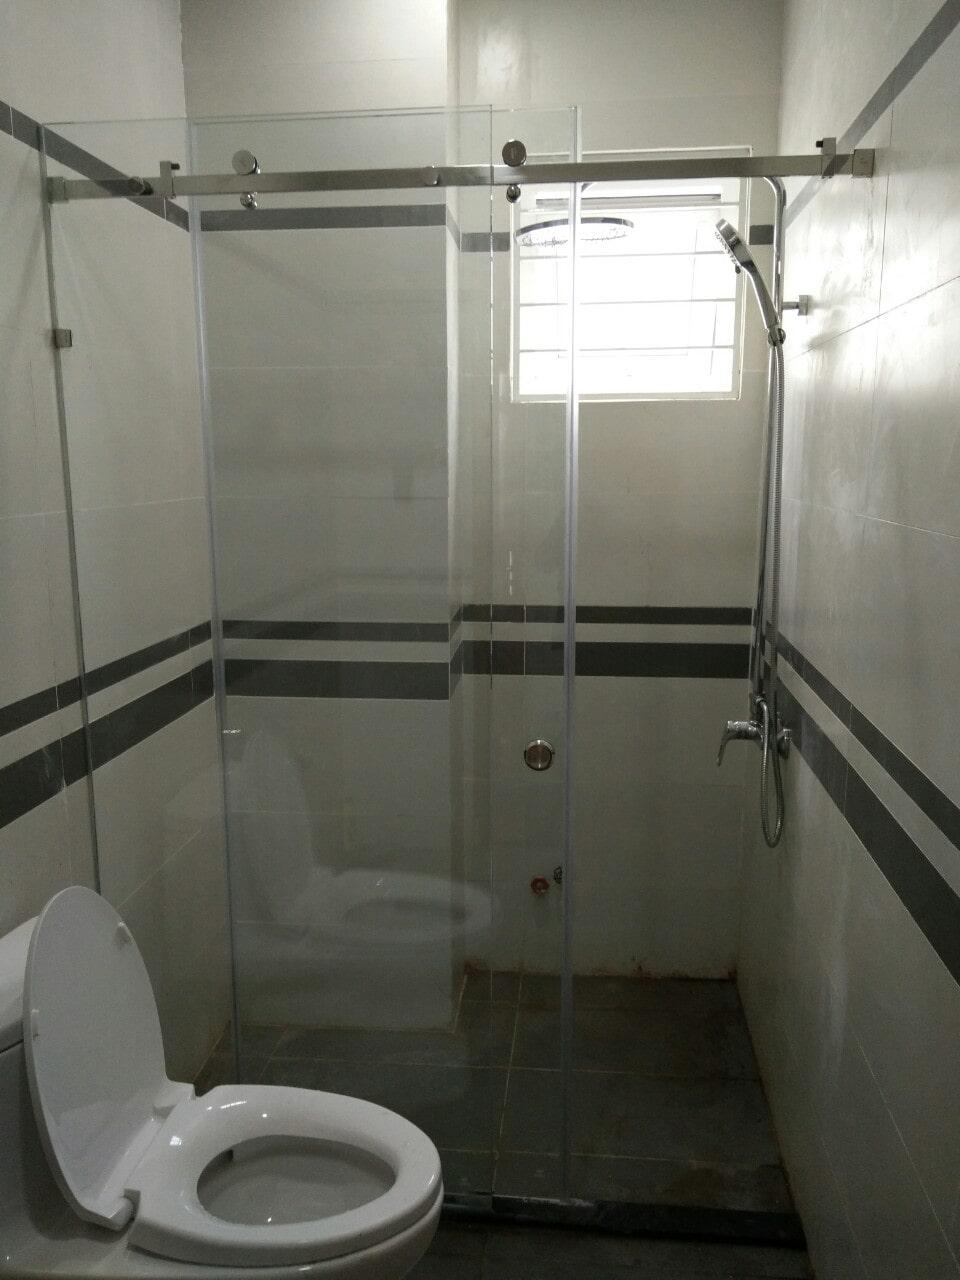 Phòng tắm kính cửa lùa 10x30